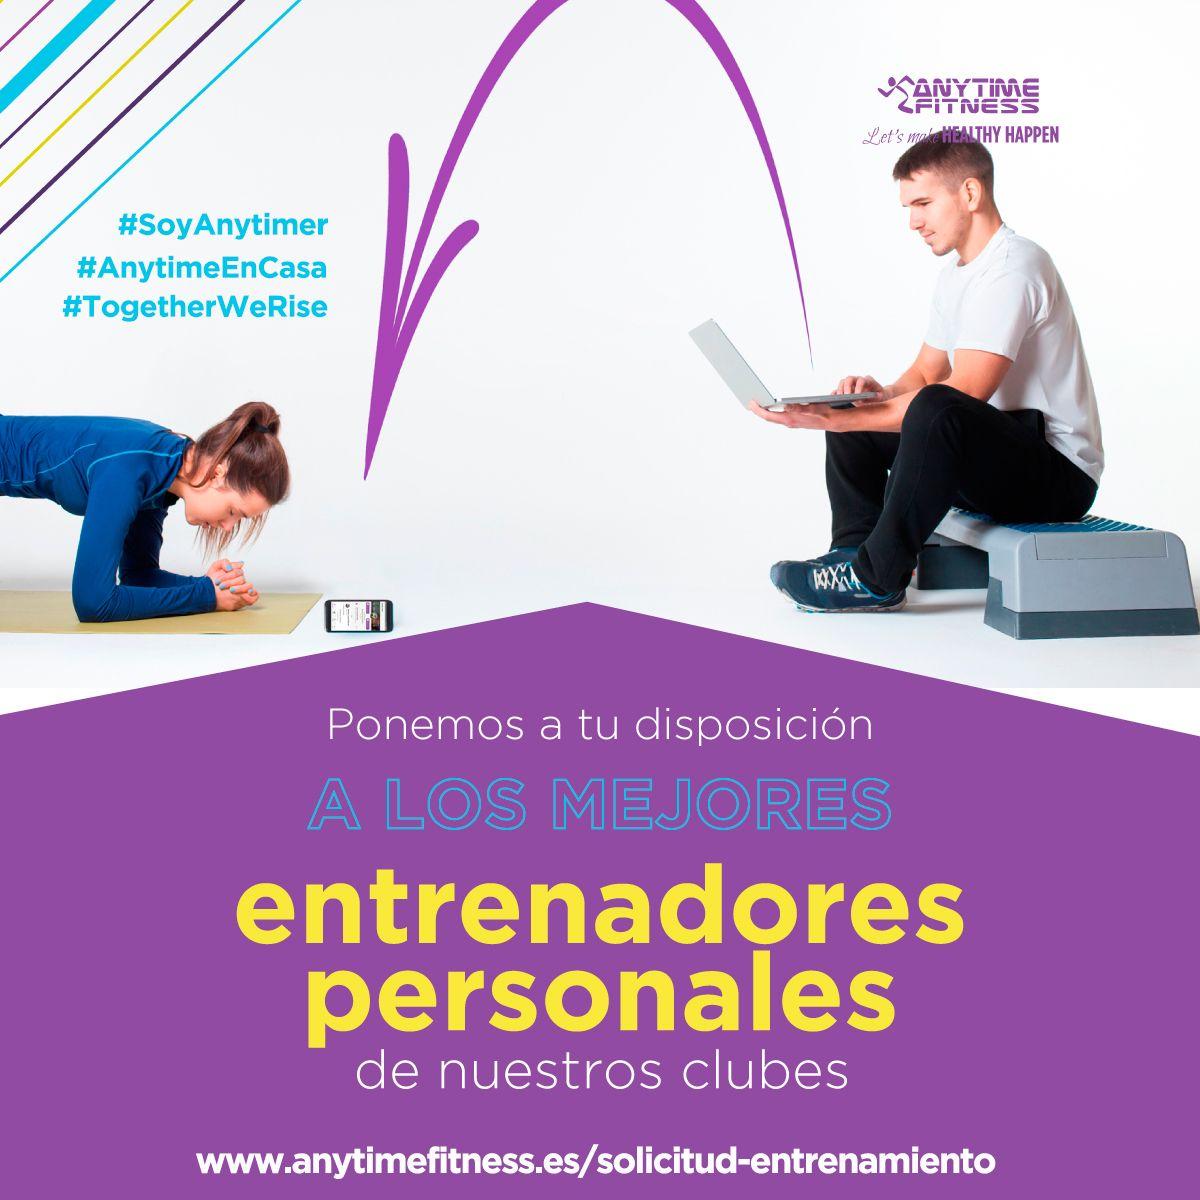 Anytime Fitness reinventa su 365 x 24. Ahora es online